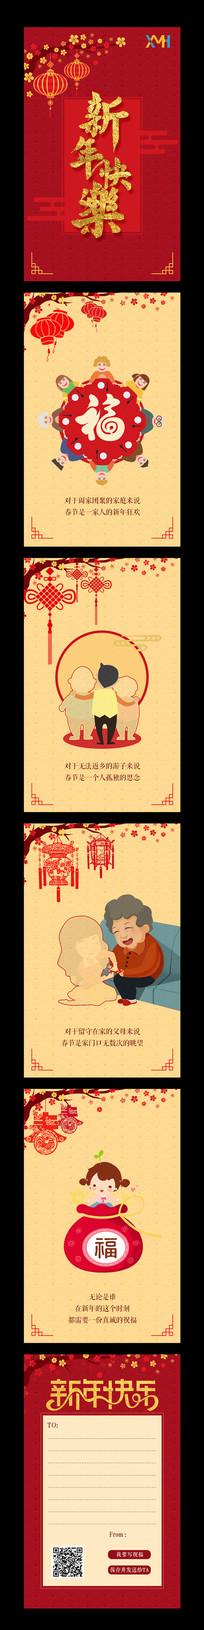 新年贺卡h5海报设计